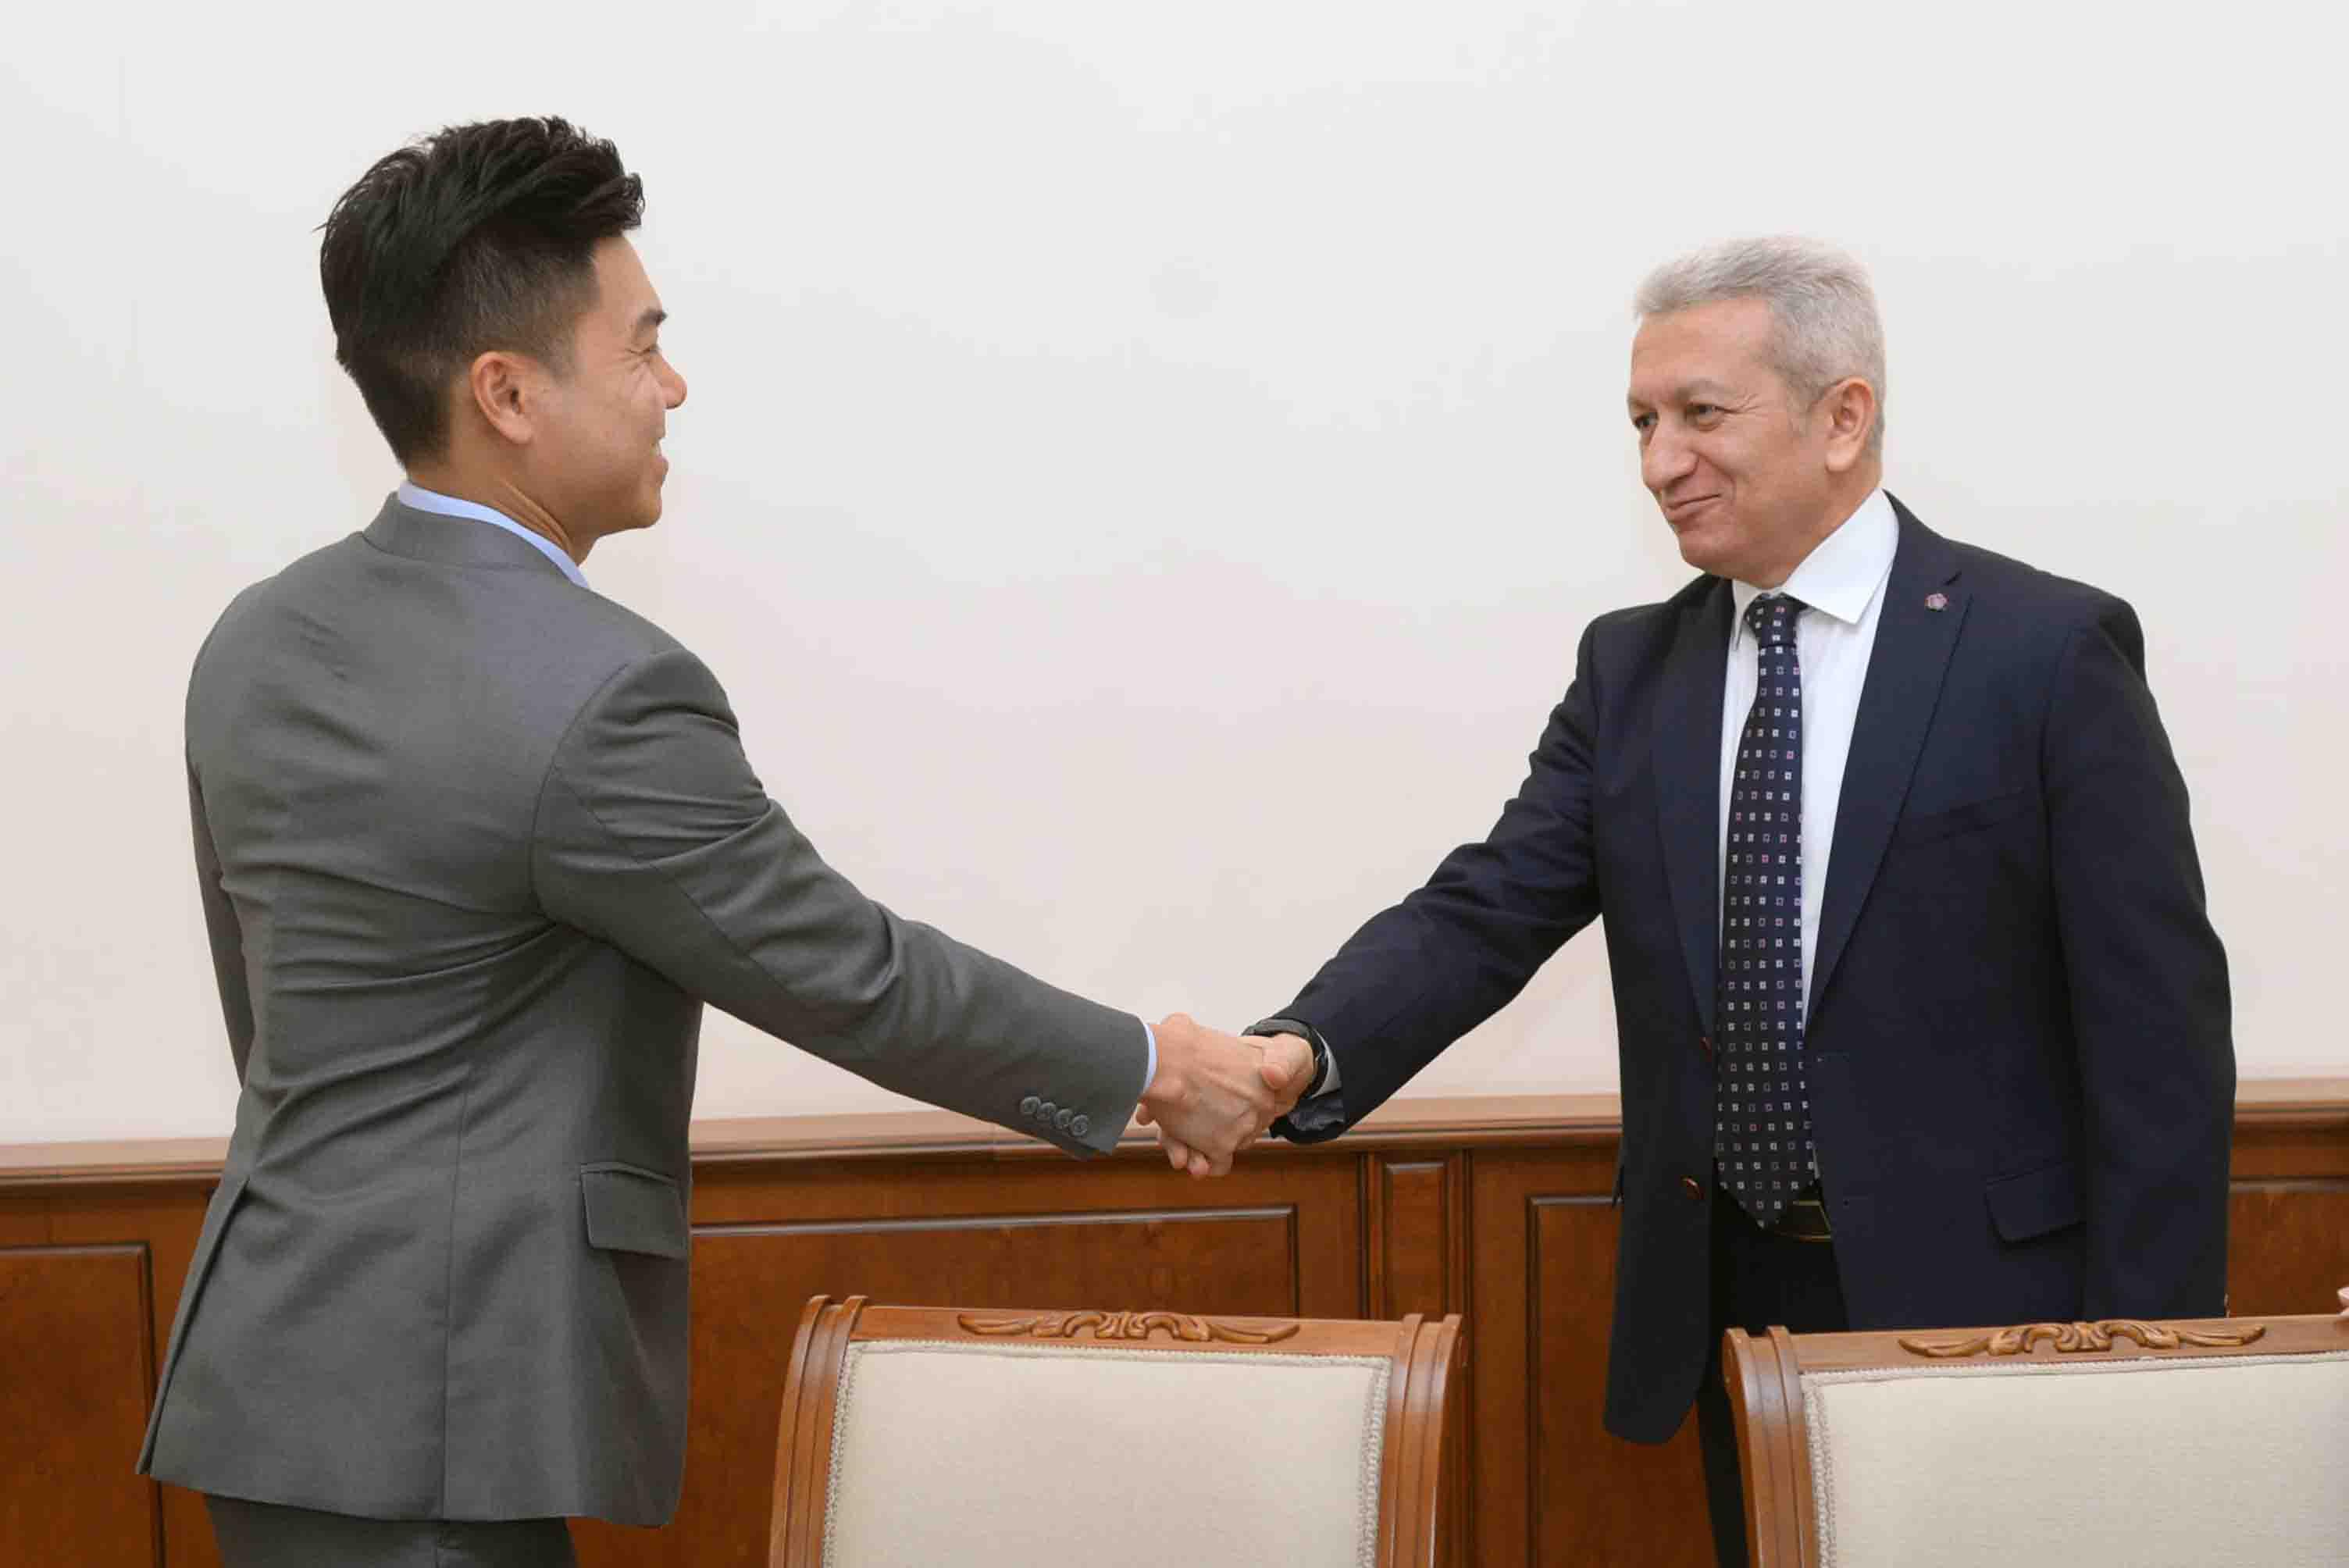 Ատոմ Ջանջուղազյանն ընդունել է «Moody's» միջազգային վարկանիշային կազմակերպության ներկայացուցիչներին